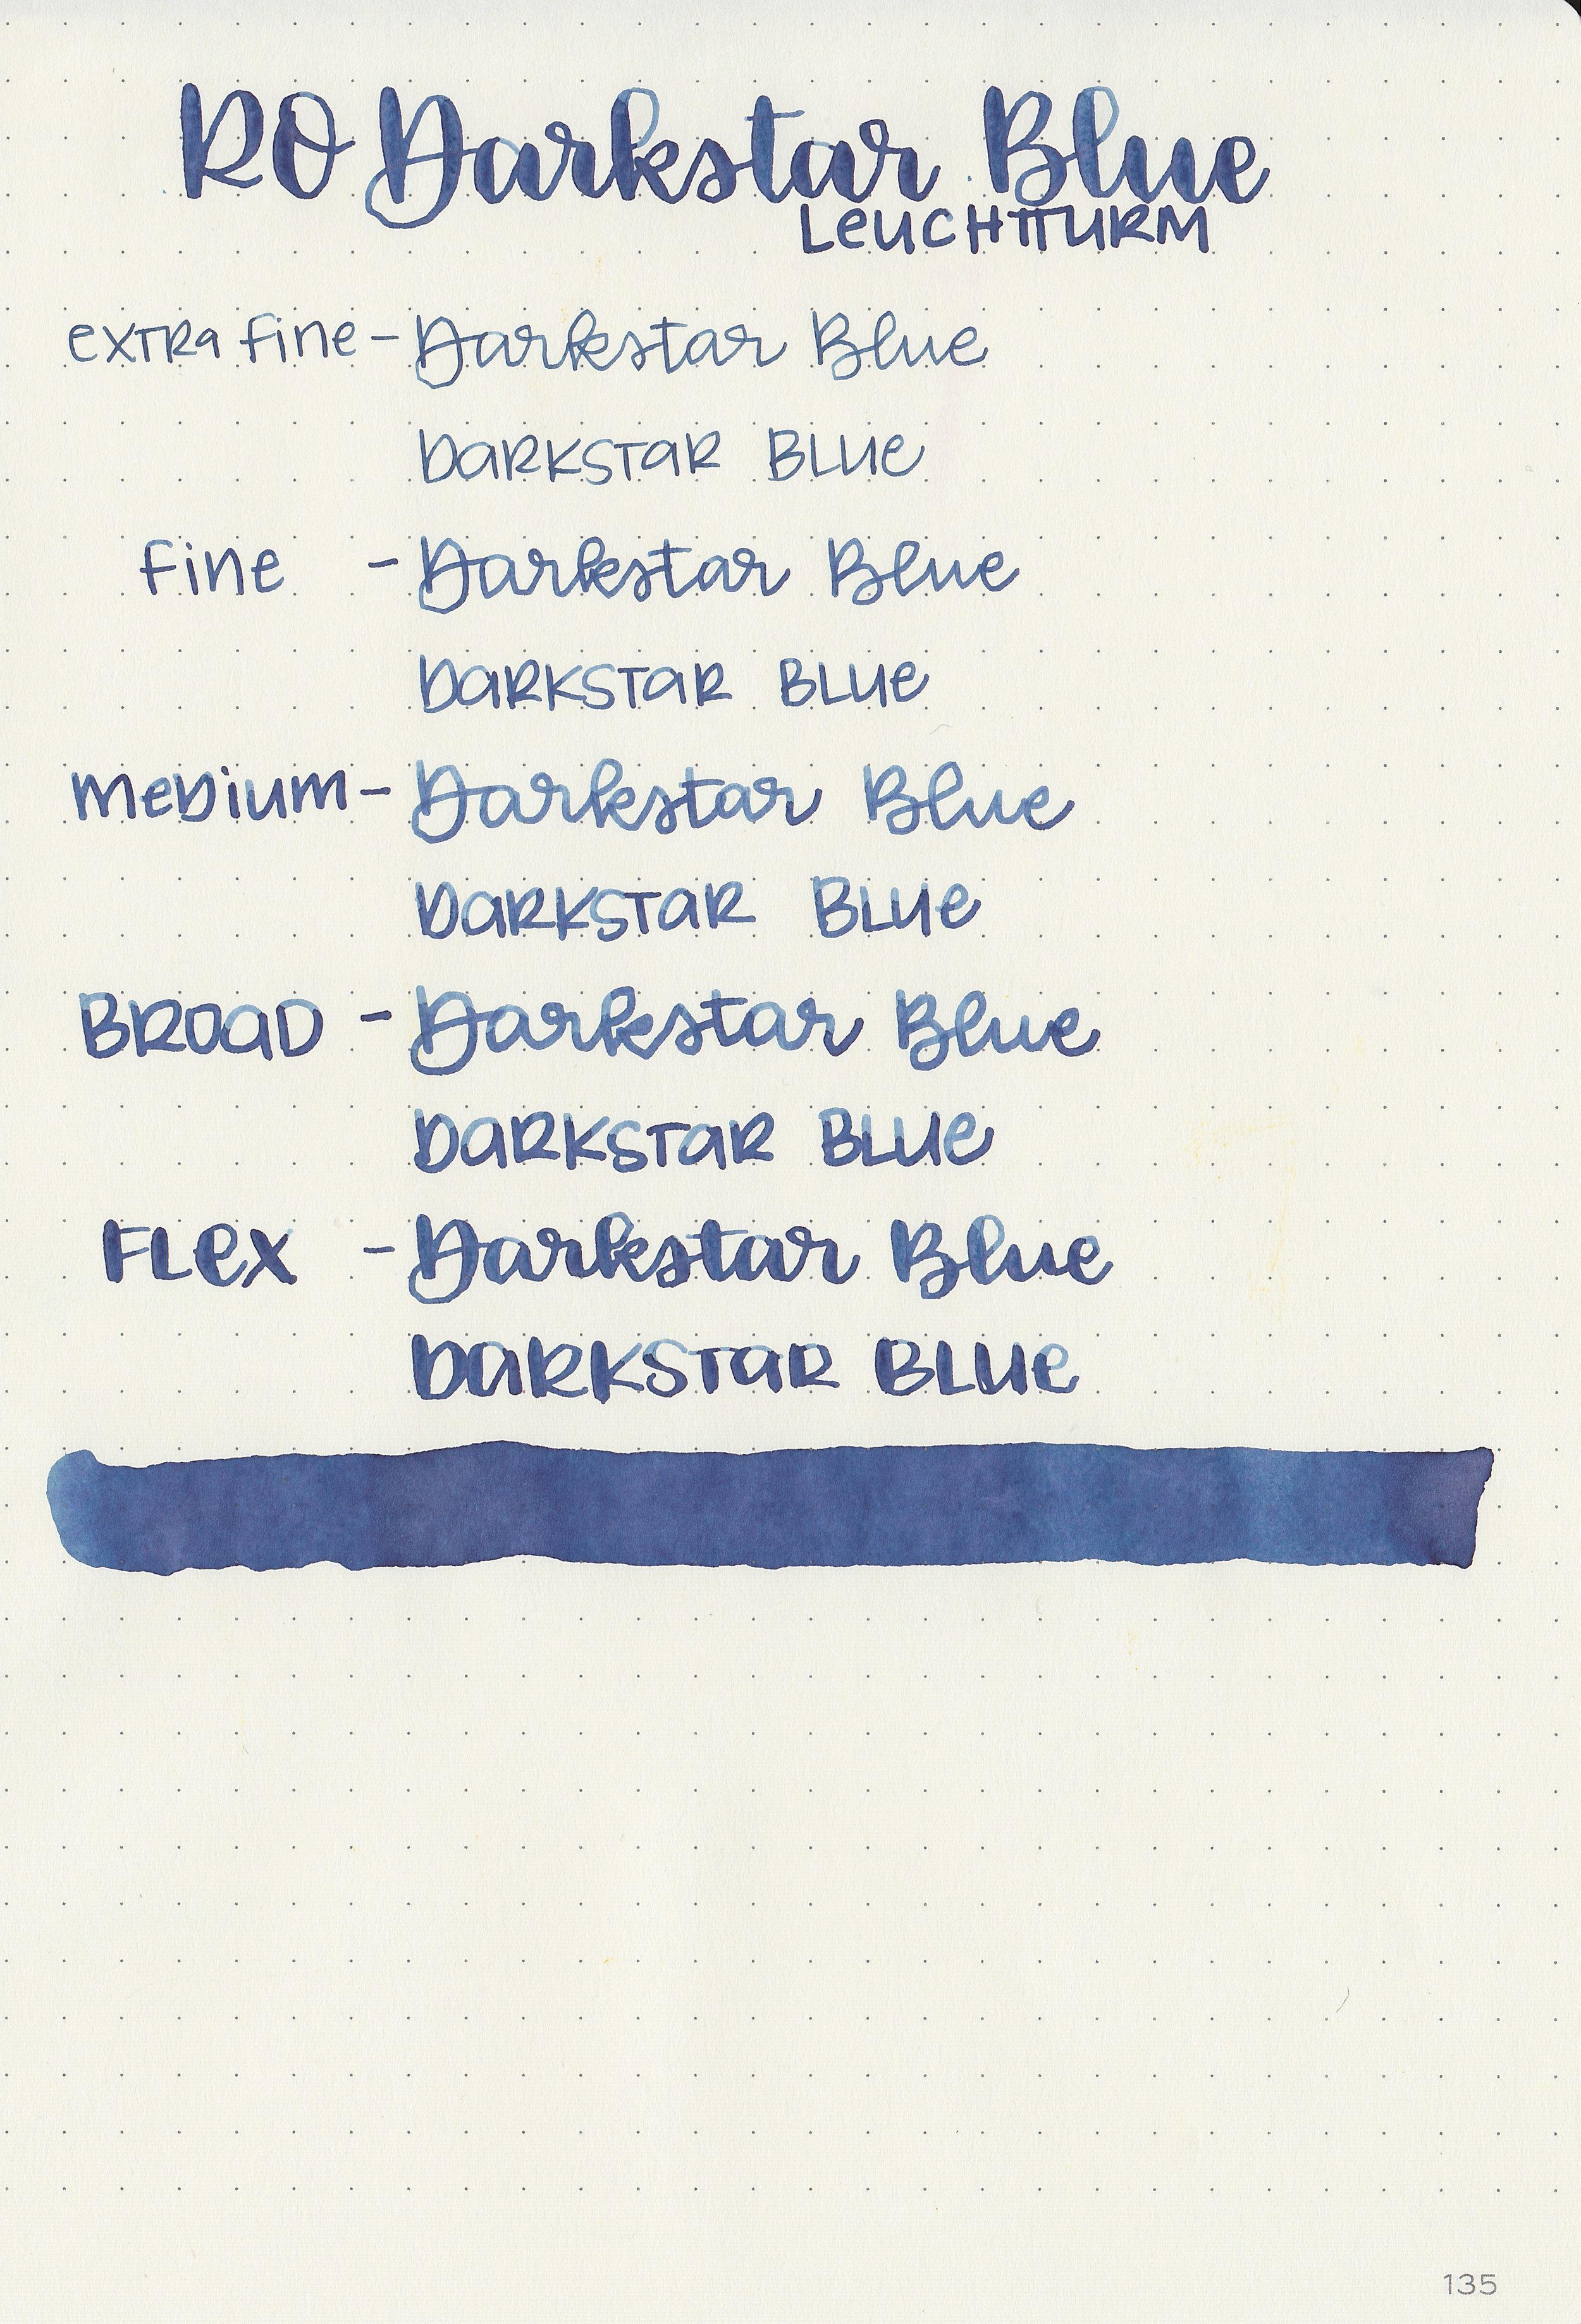 ro-darkstar-blue-14.jpg